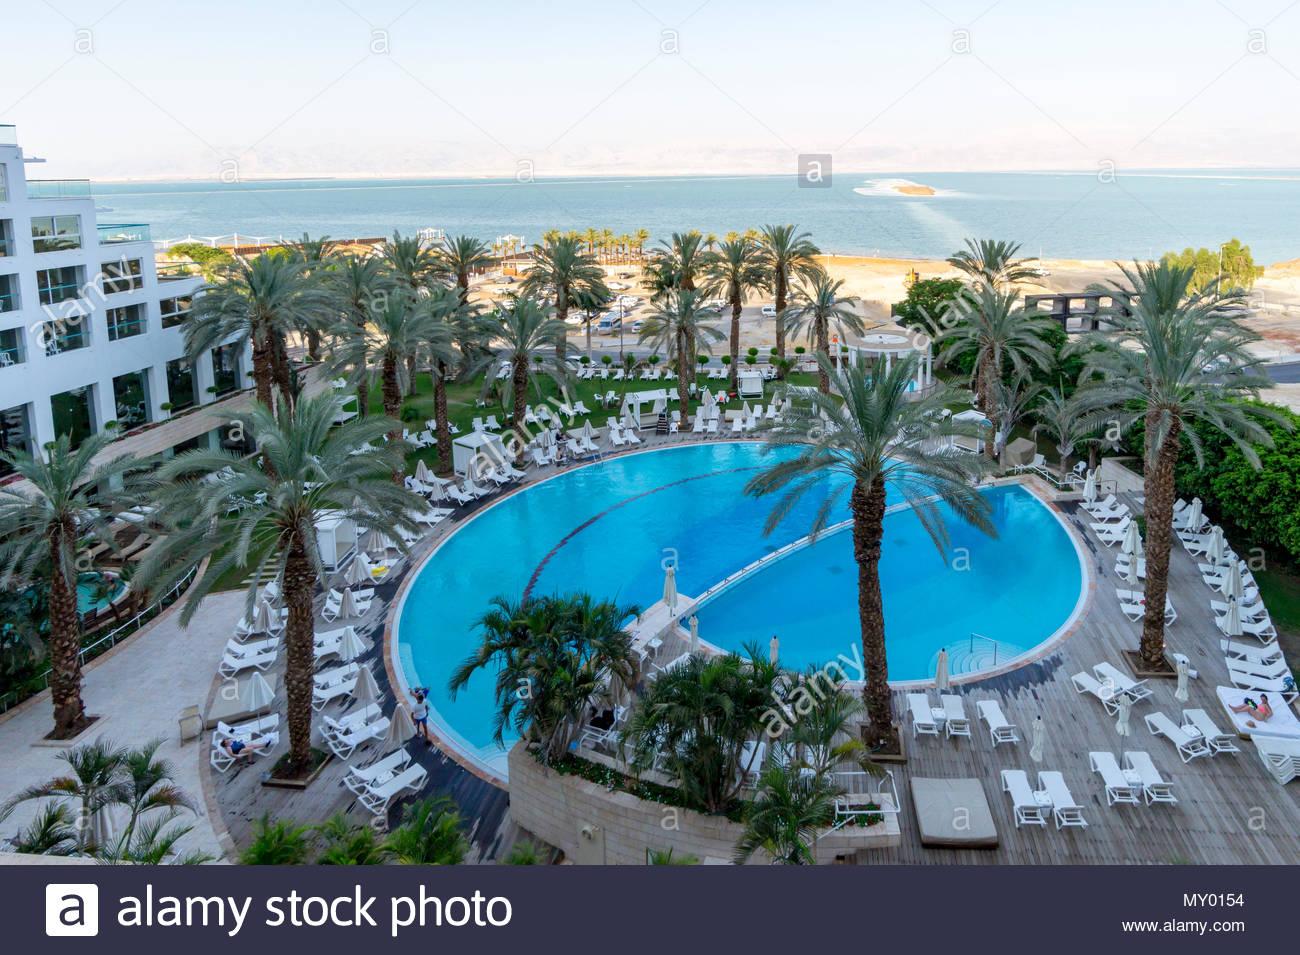 Isrotel Dead Sea Hotel on the shore of the Dead Sea near Ein Bokek, Israel. Stock Photo